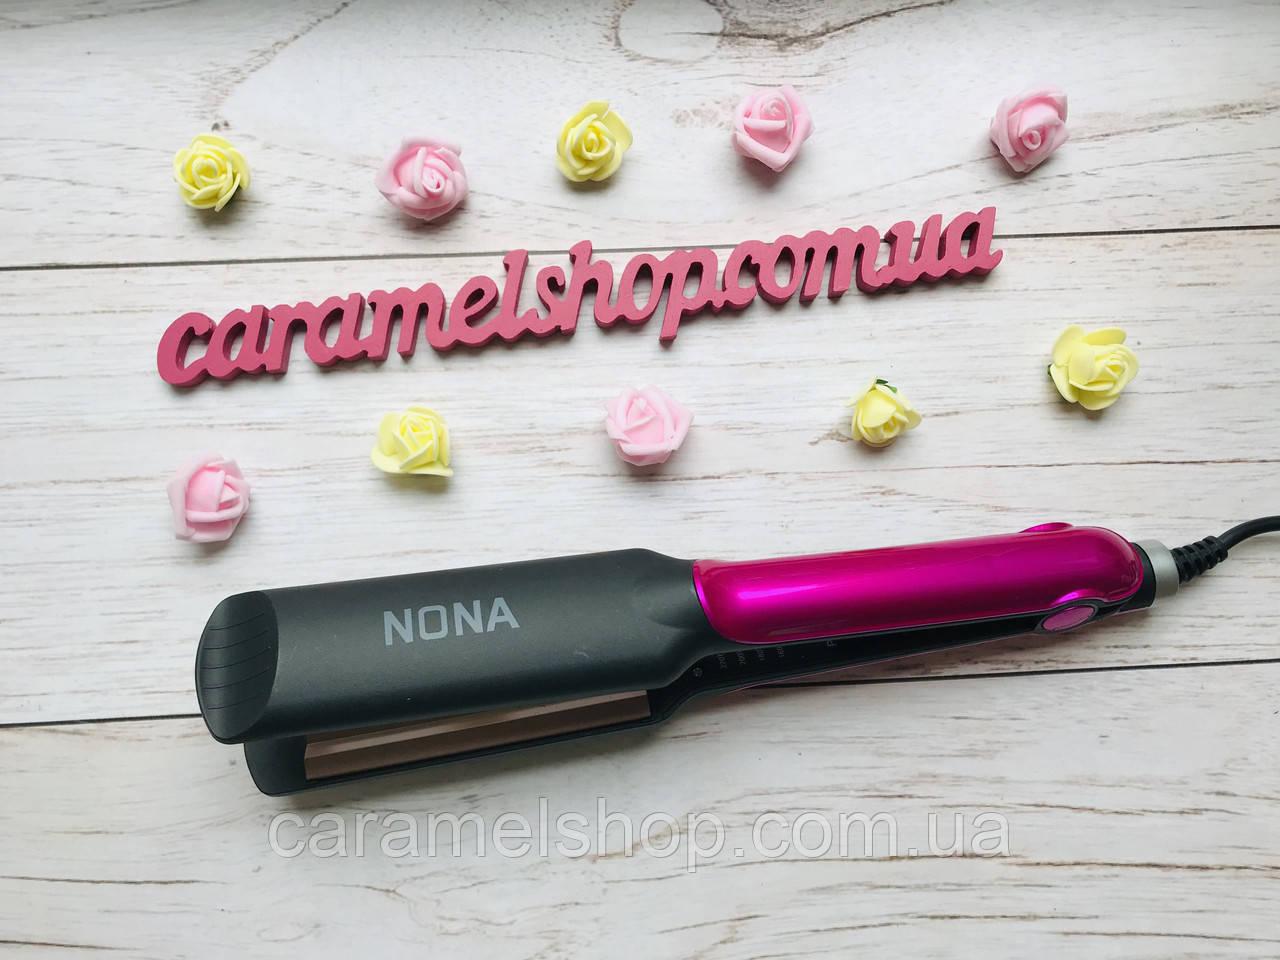 Плойка ГОФРЕ утюжок для волос  с керамическим покрытием Nona SY - 6505